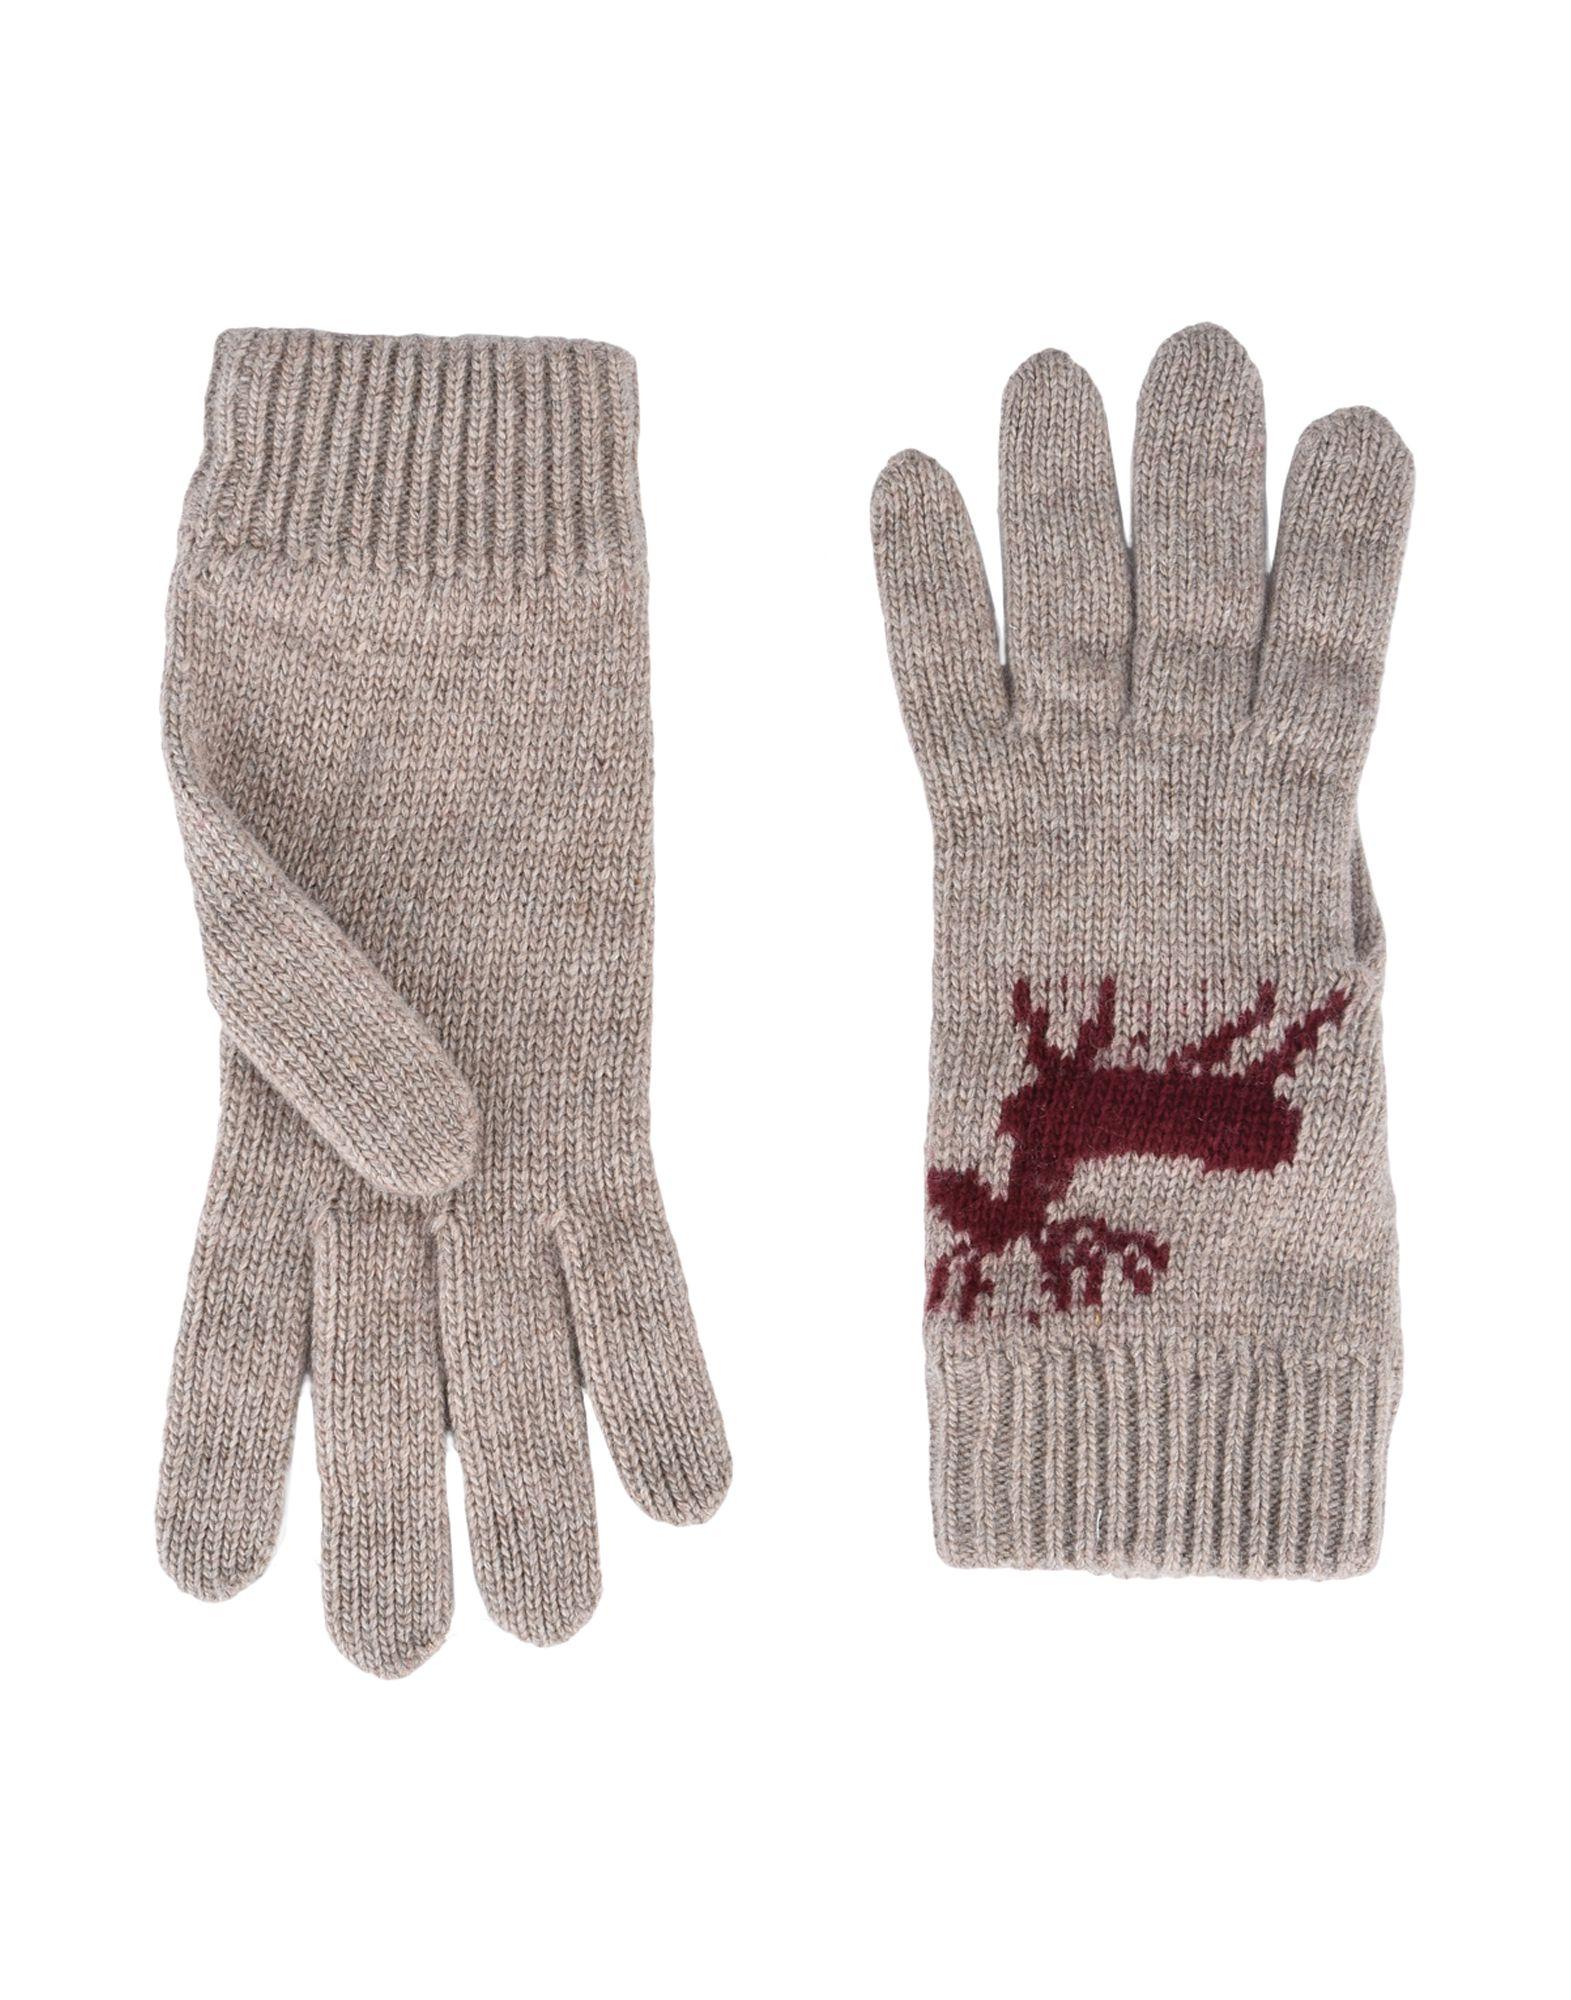 8 Перчатки перчатки stella перчатки